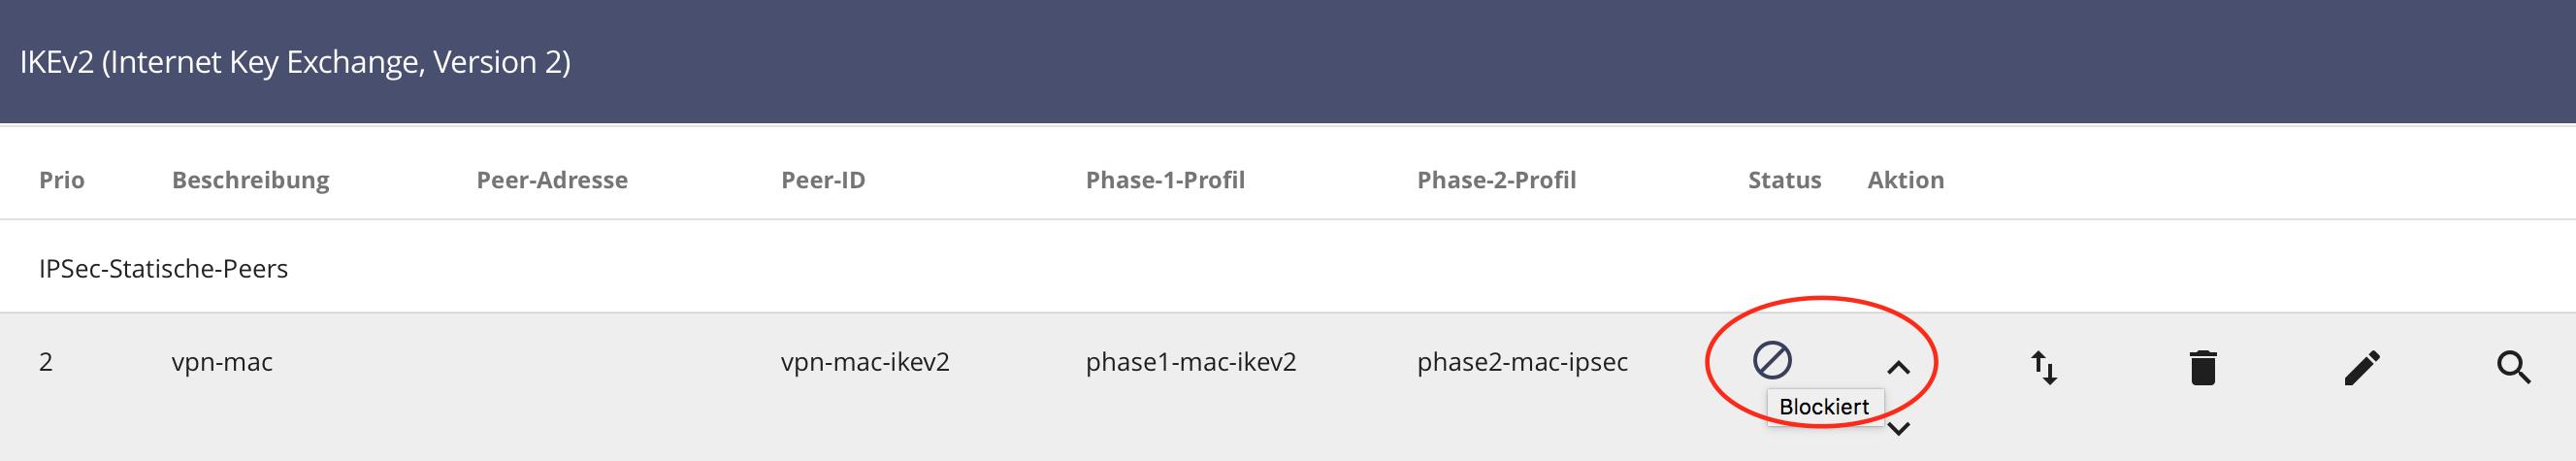 Digibox Premium Vpn Ikev2 Verbindung Wird Blockiert